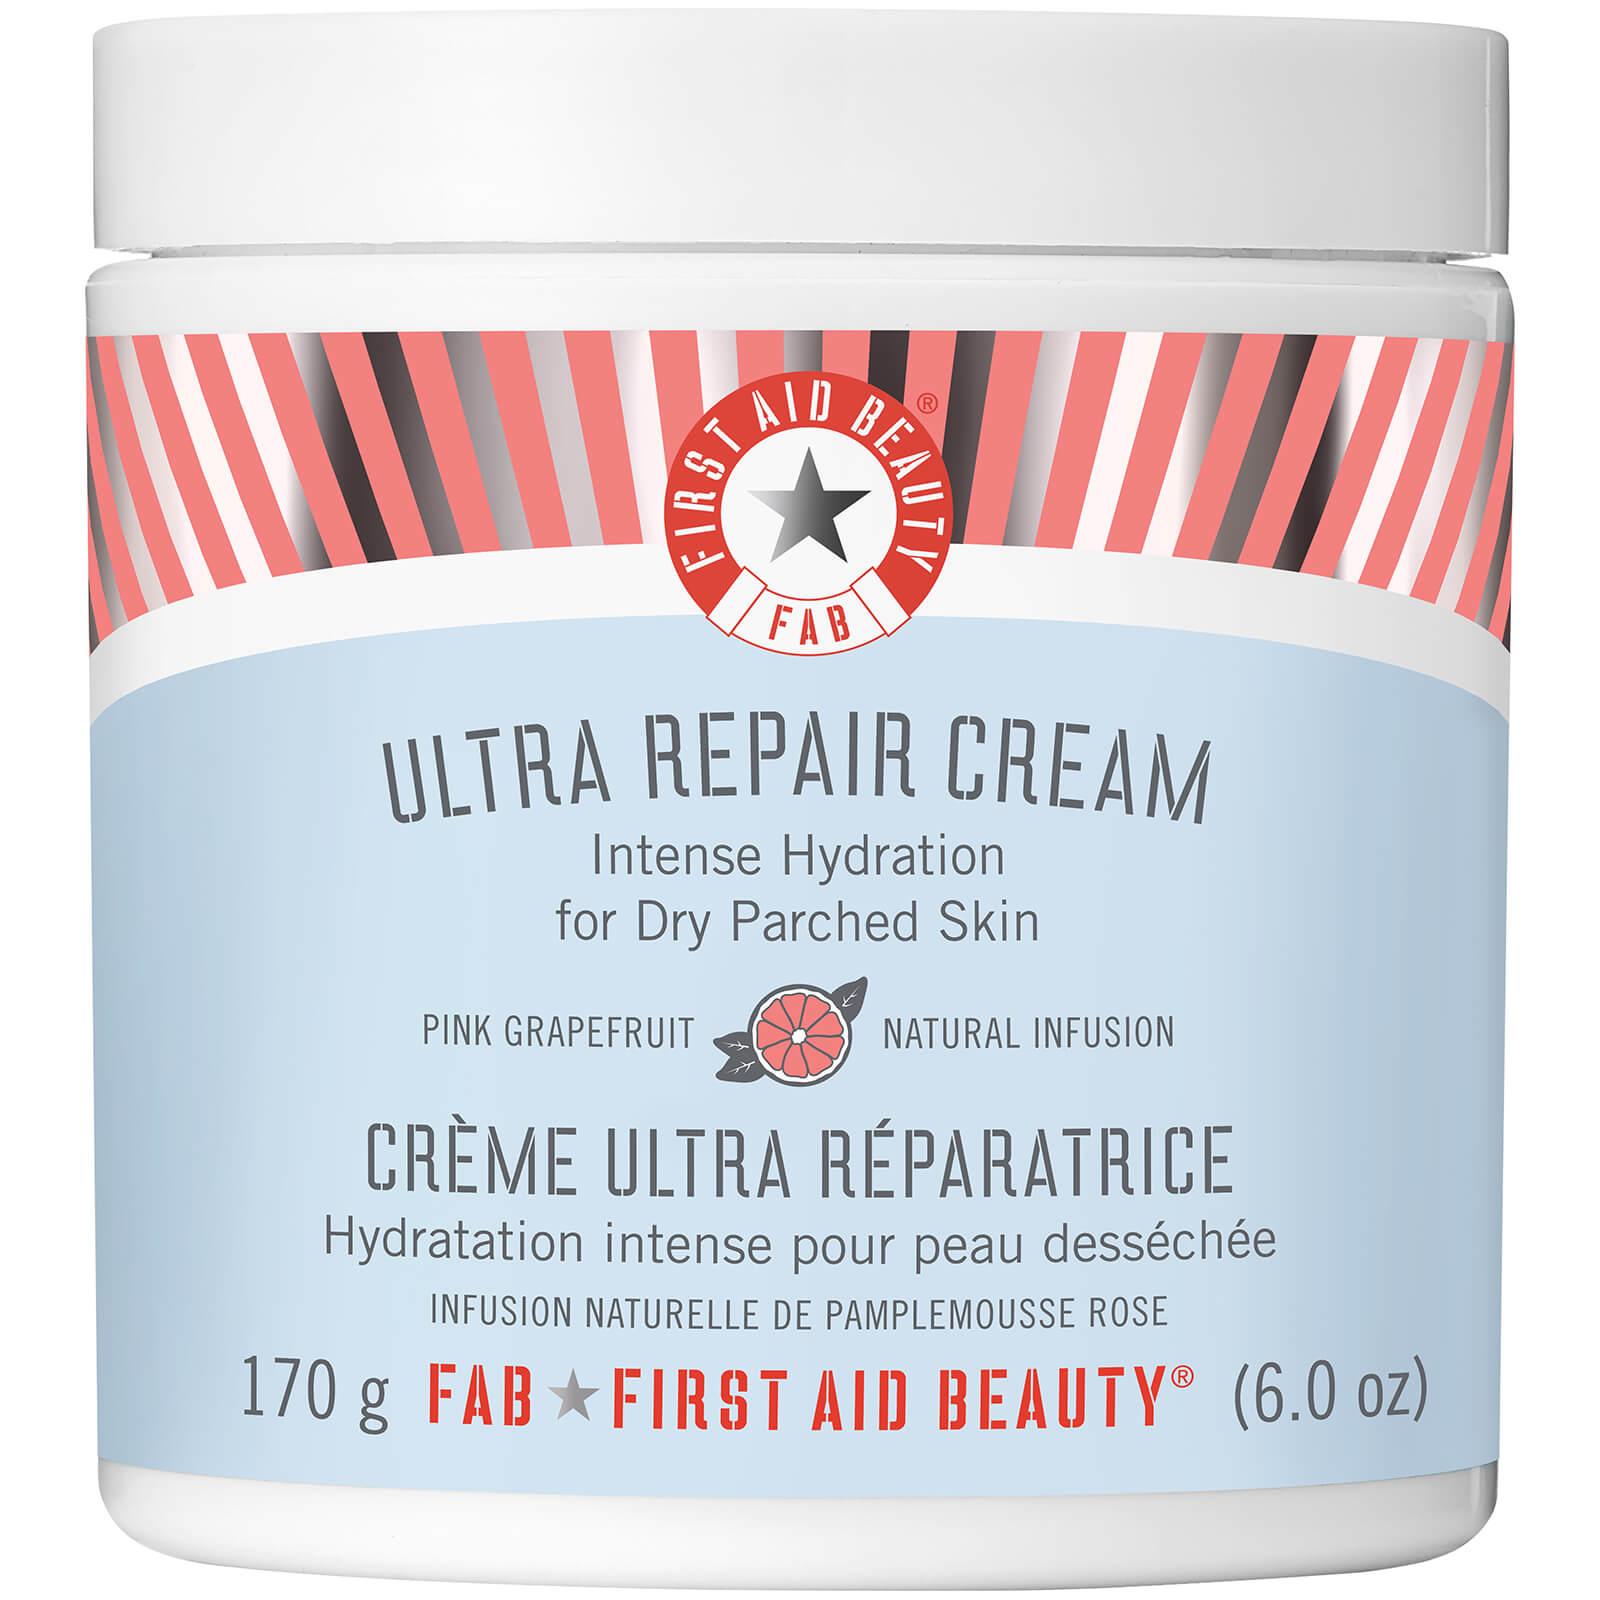 First Aid Beauty Ultra Repair Cream 170g - Pink Grapefruit